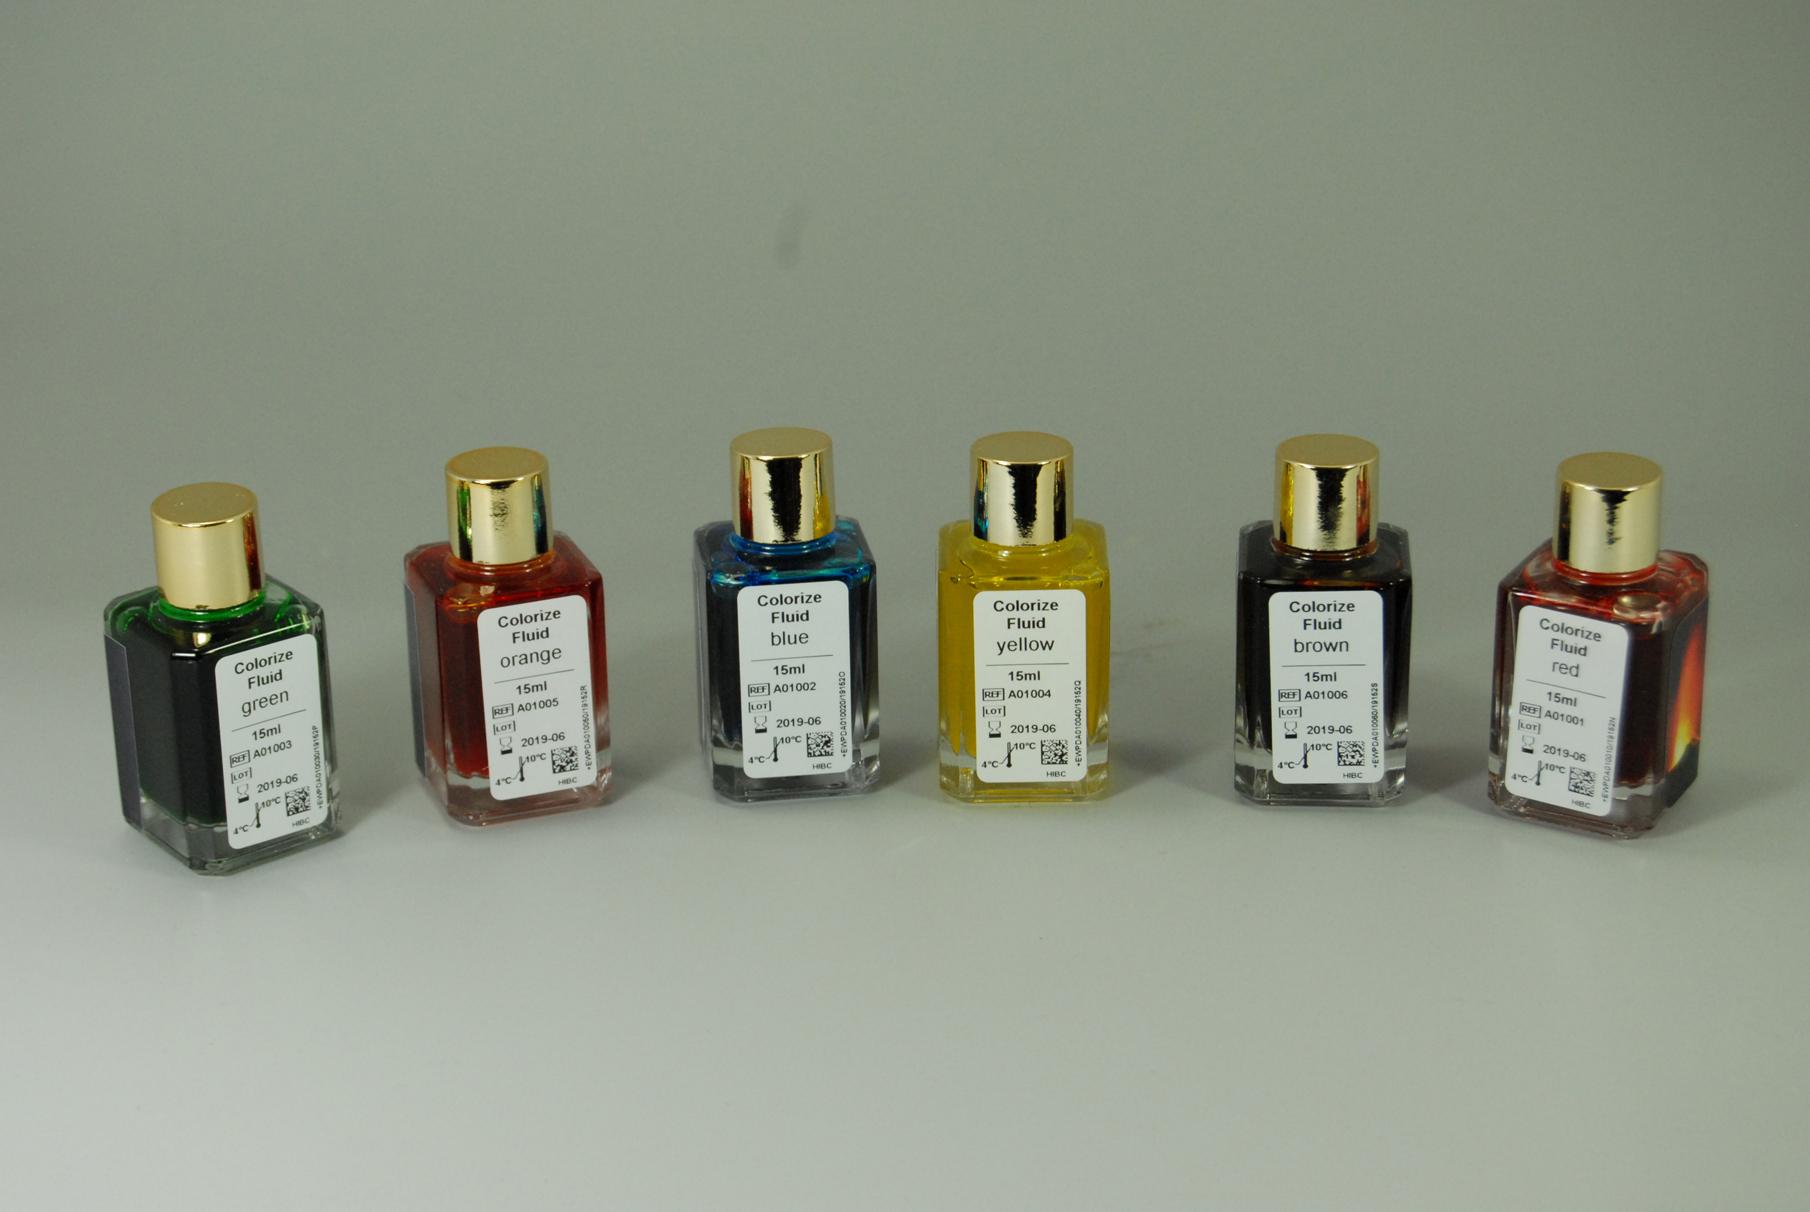 Colorize-Fluid-front